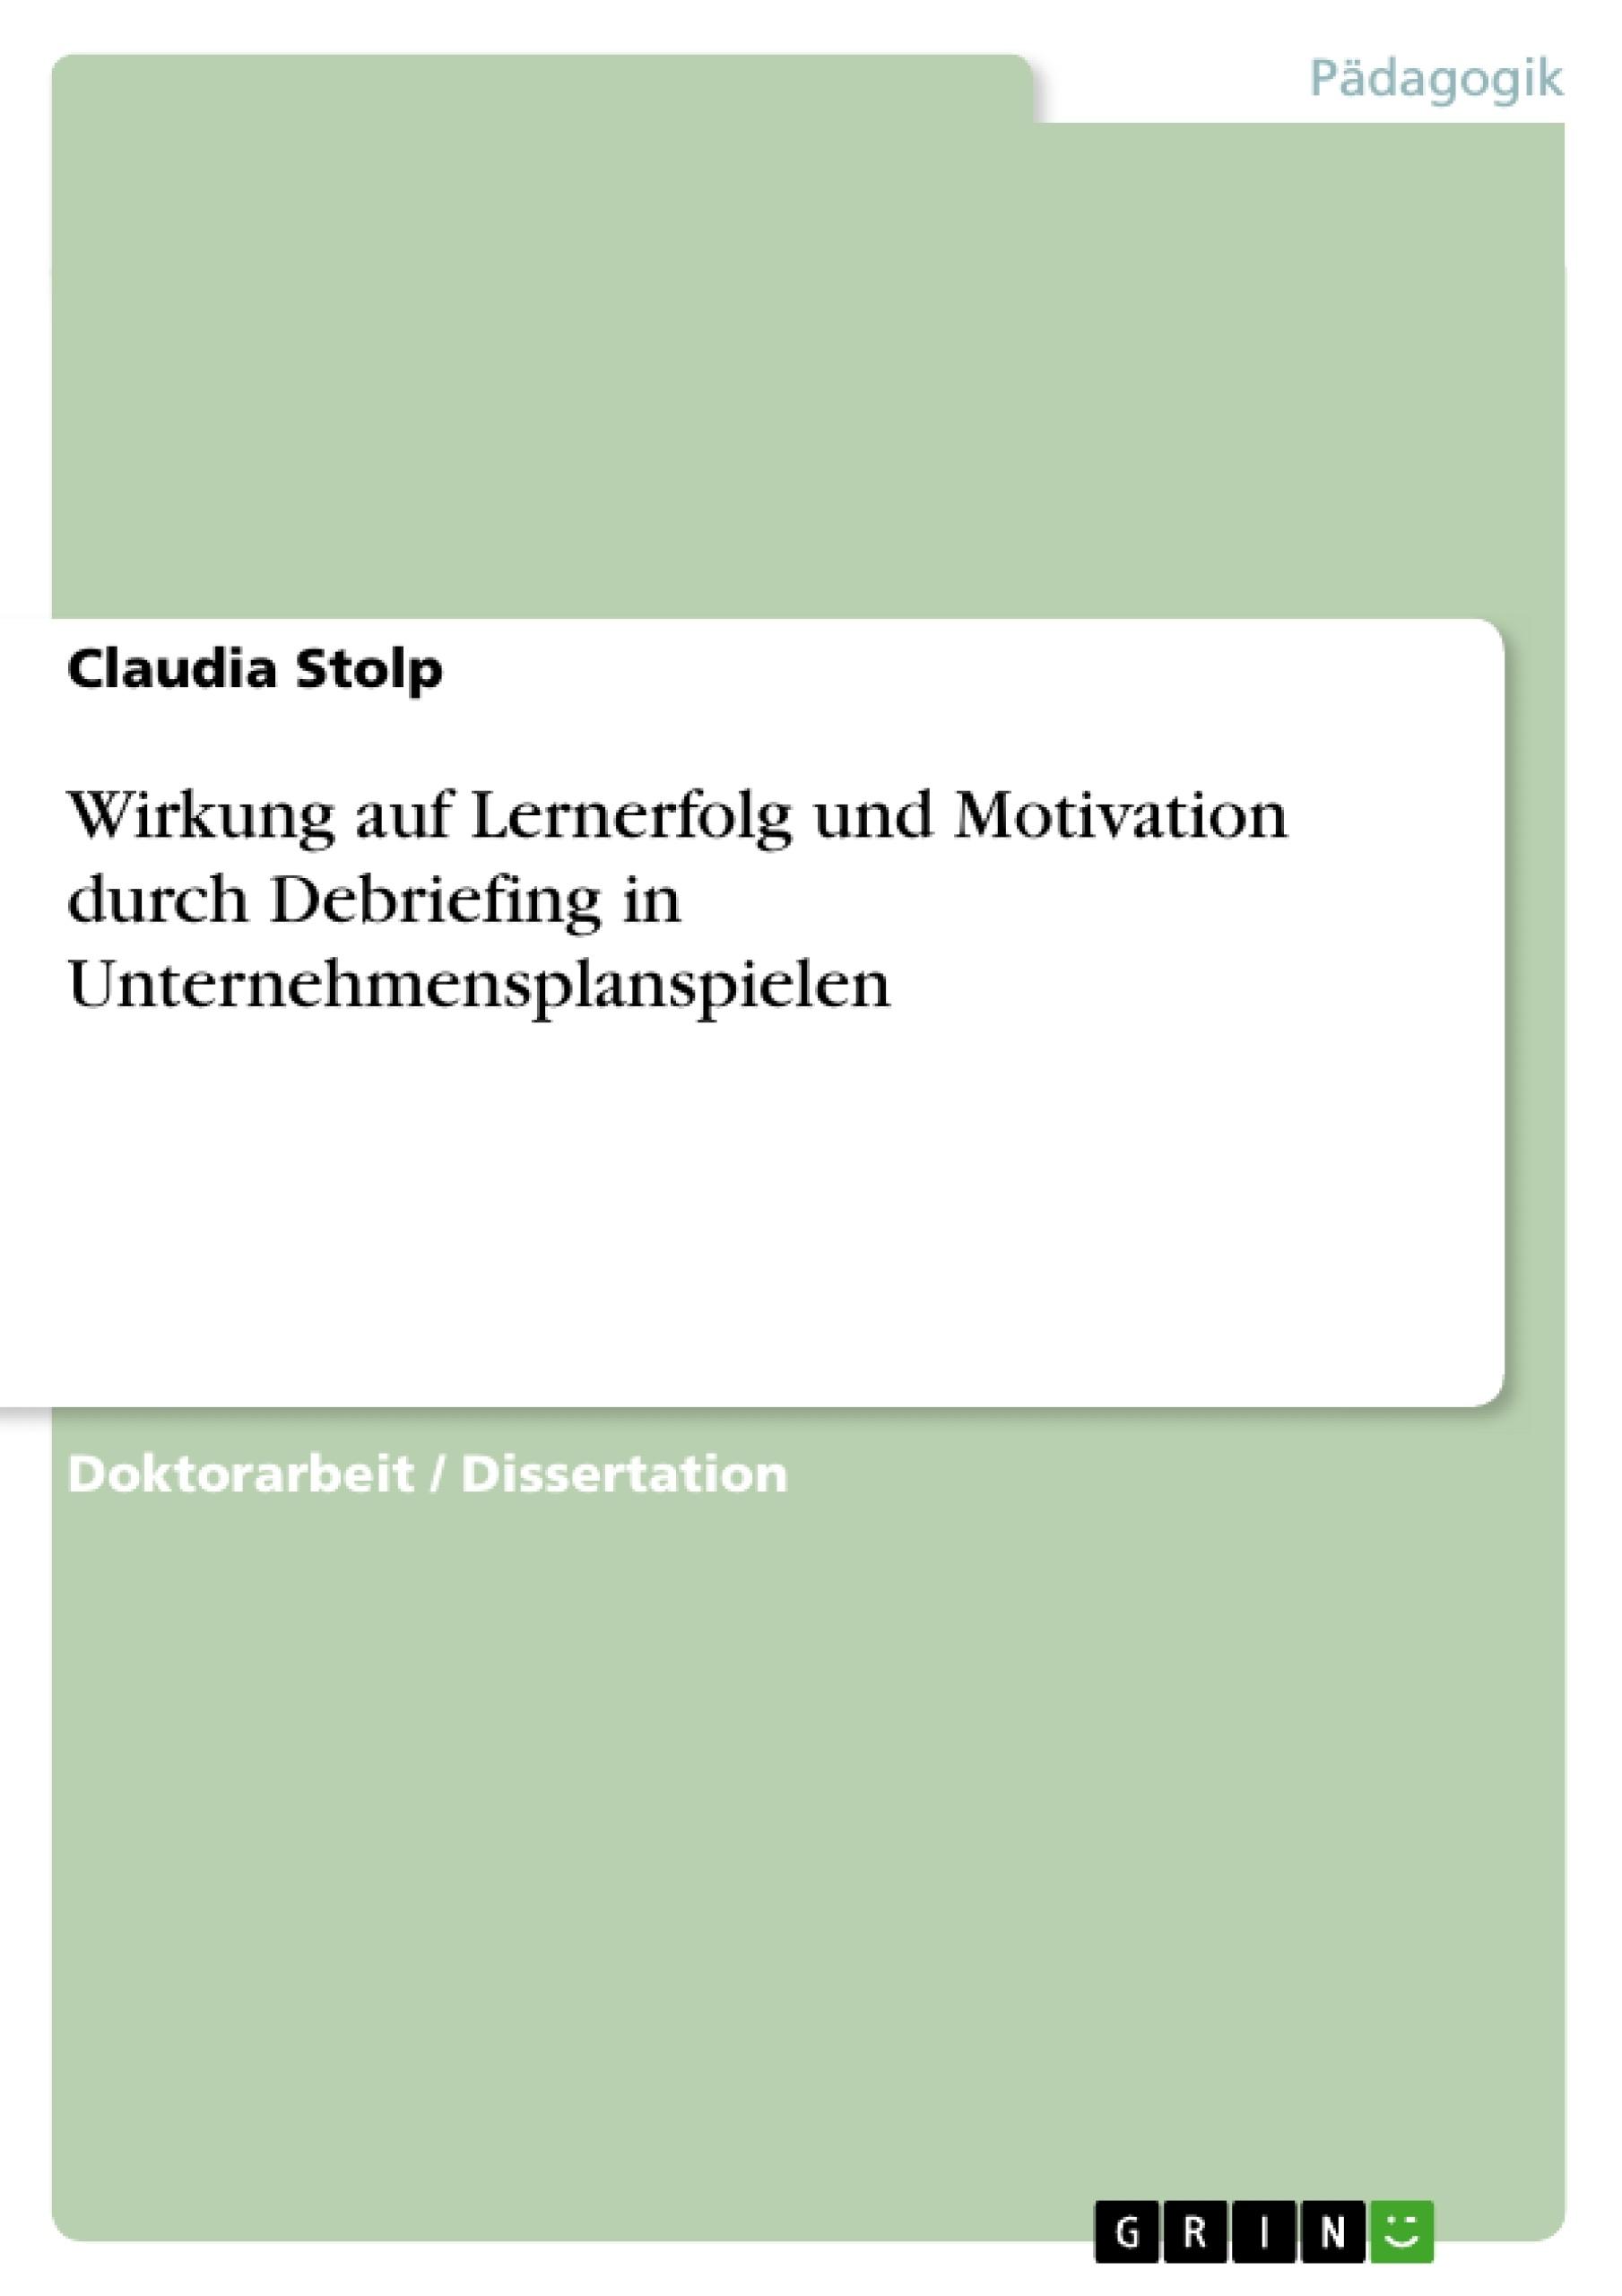 Titel: Wirkung auf Lernerfolg und Motivation durch Debriefing in Unternehmensplanspielen